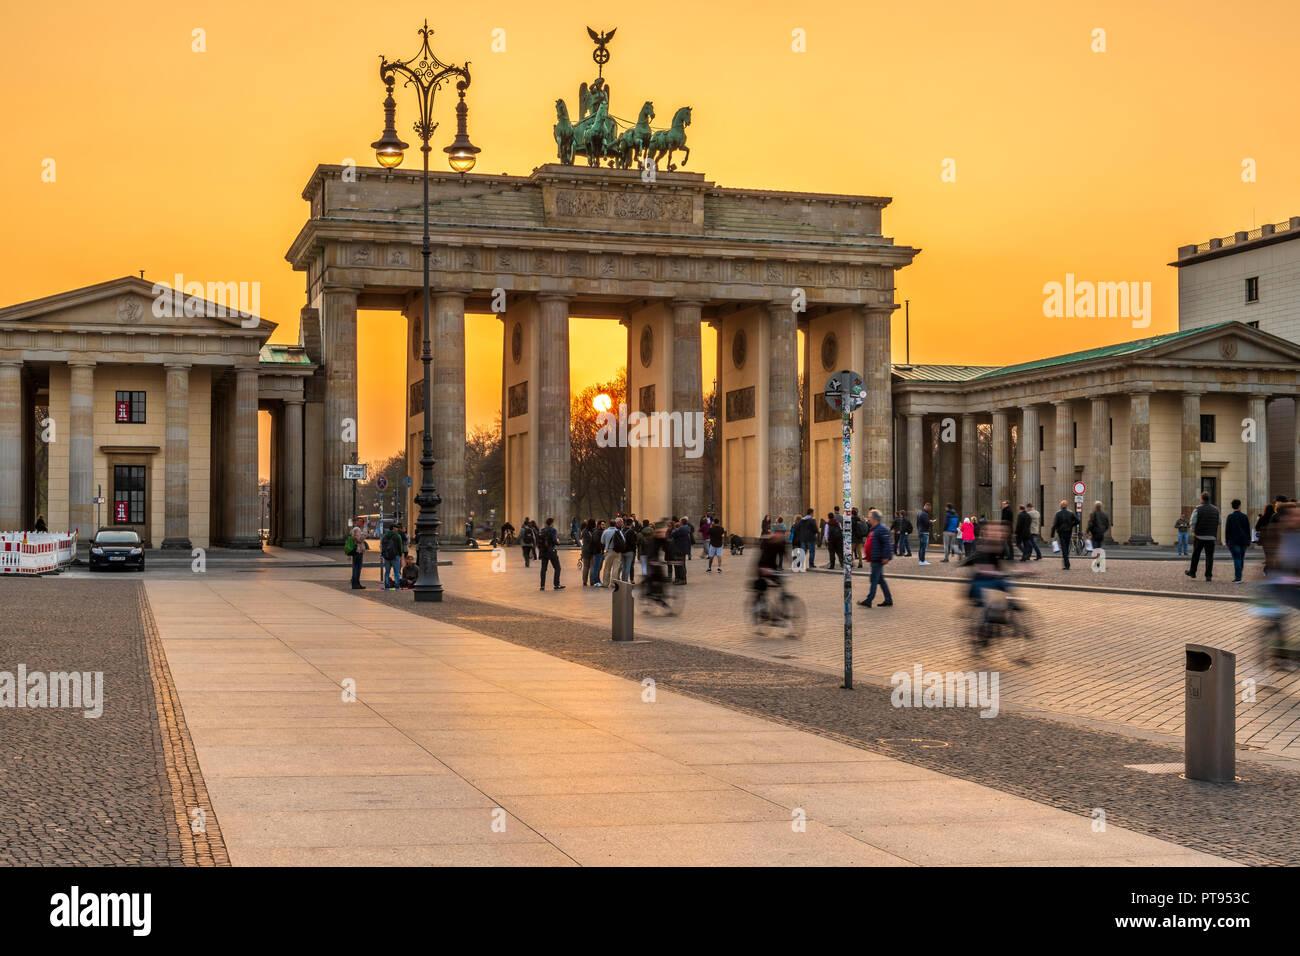 La Porta di Brandeburgo è un edificio del XVIII secolo in stile neoclassico monumento storico situato a ovest di Pariser Platz nella parte occidentale di Berlino. Immagini Stock